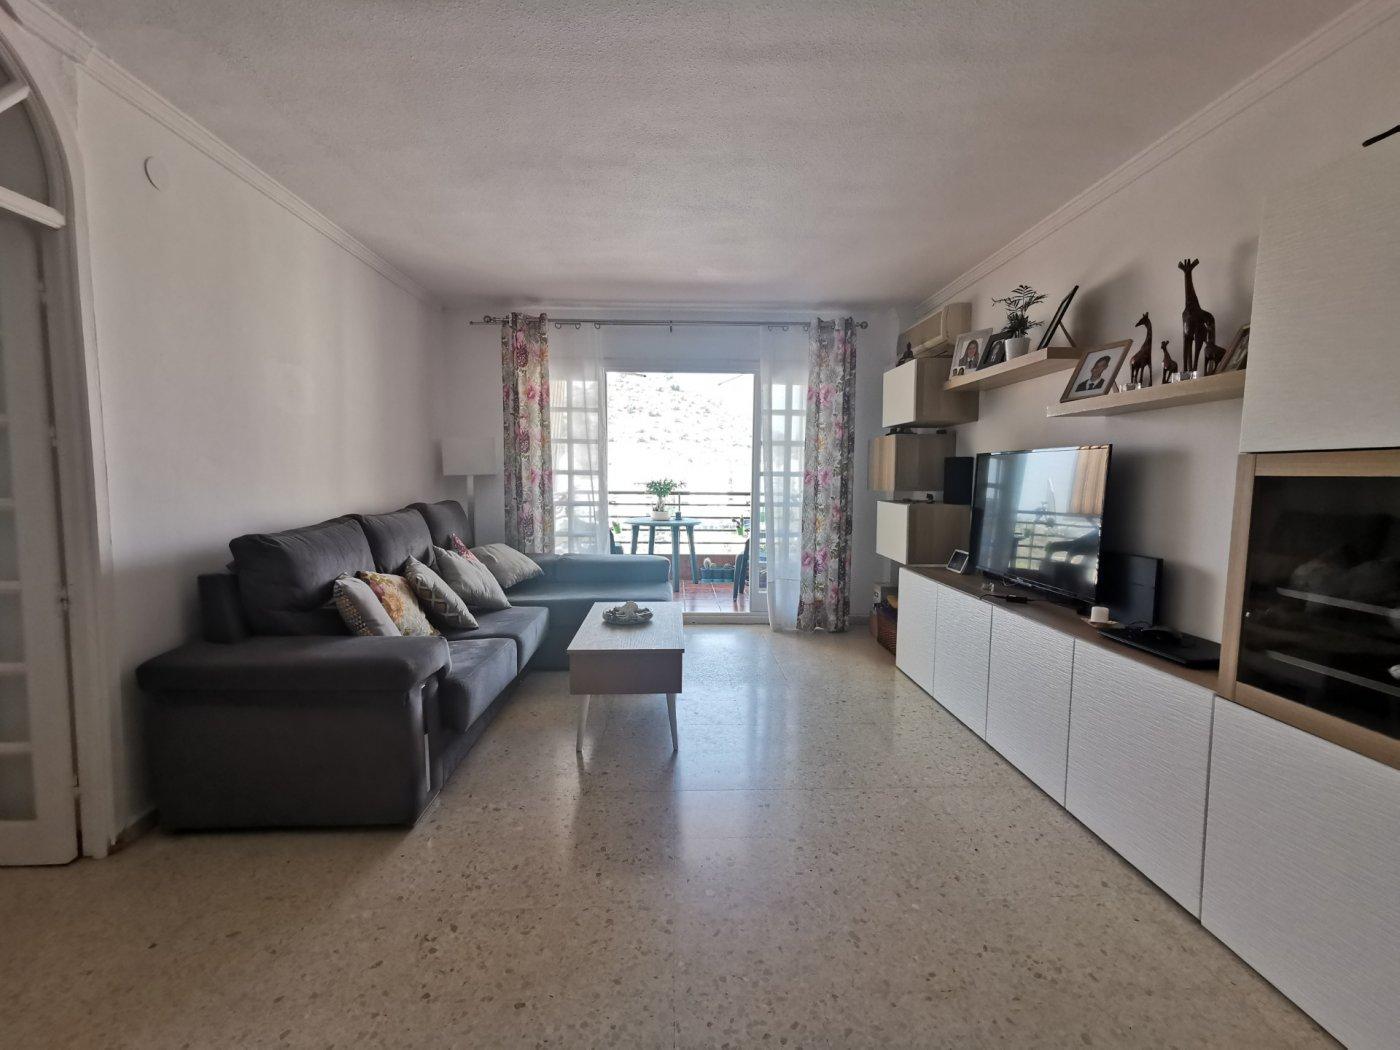 Apartamento, El Chaparral-Los Morales-El Atabal, Venta - Málaga (Málaga)